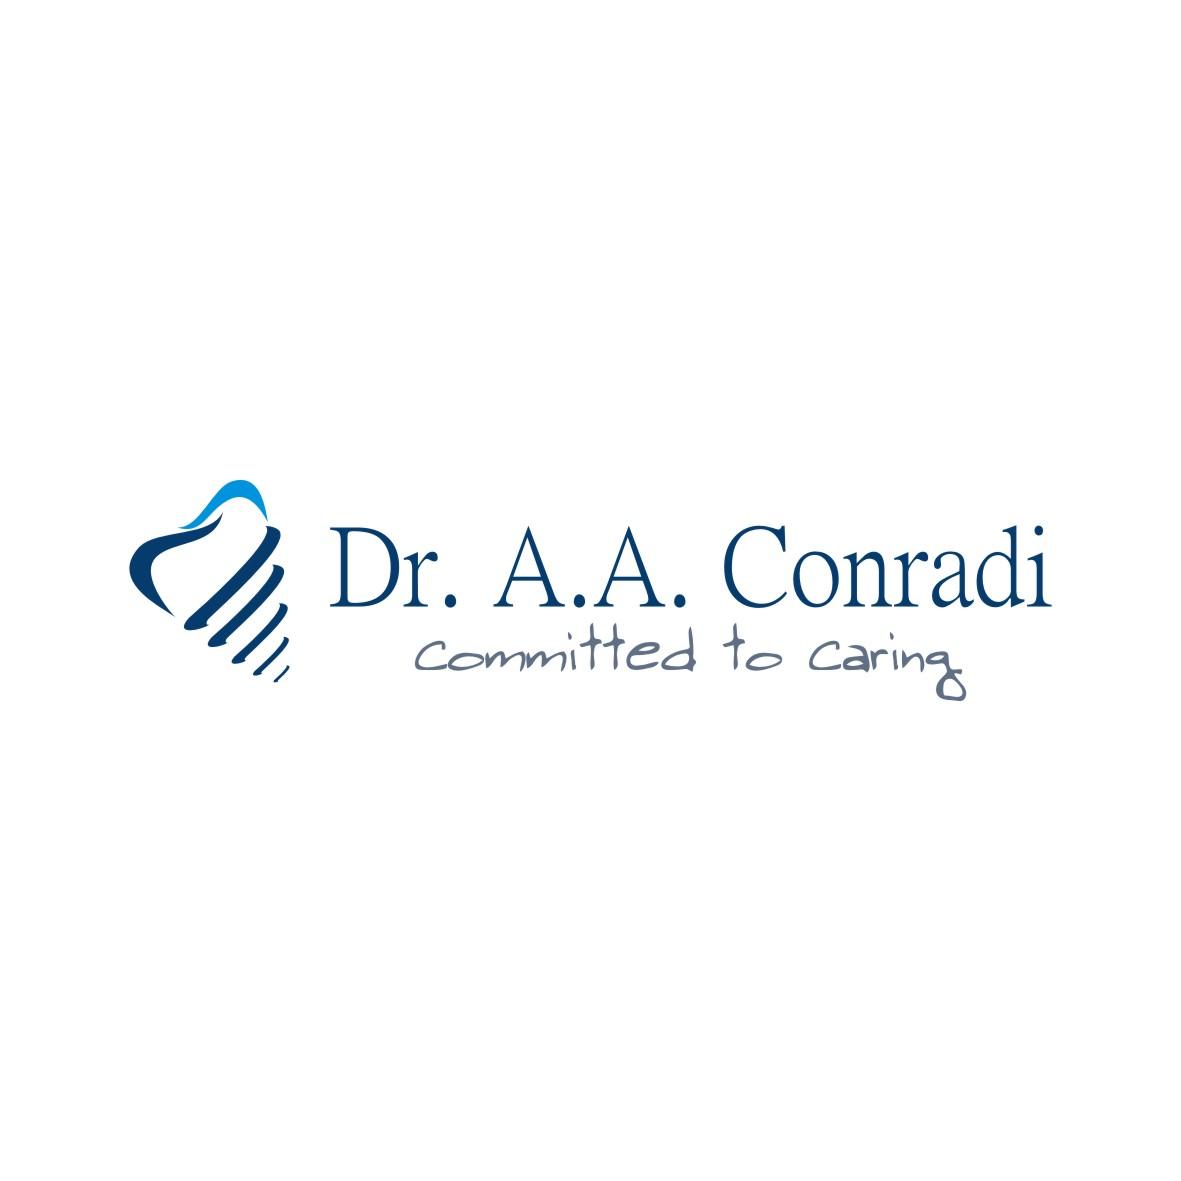 Logo Design by arteo_design - Entry No. 133 in the Logo Design Contest Unique Logo Design Wanted for Dr. A.A. Conradi.